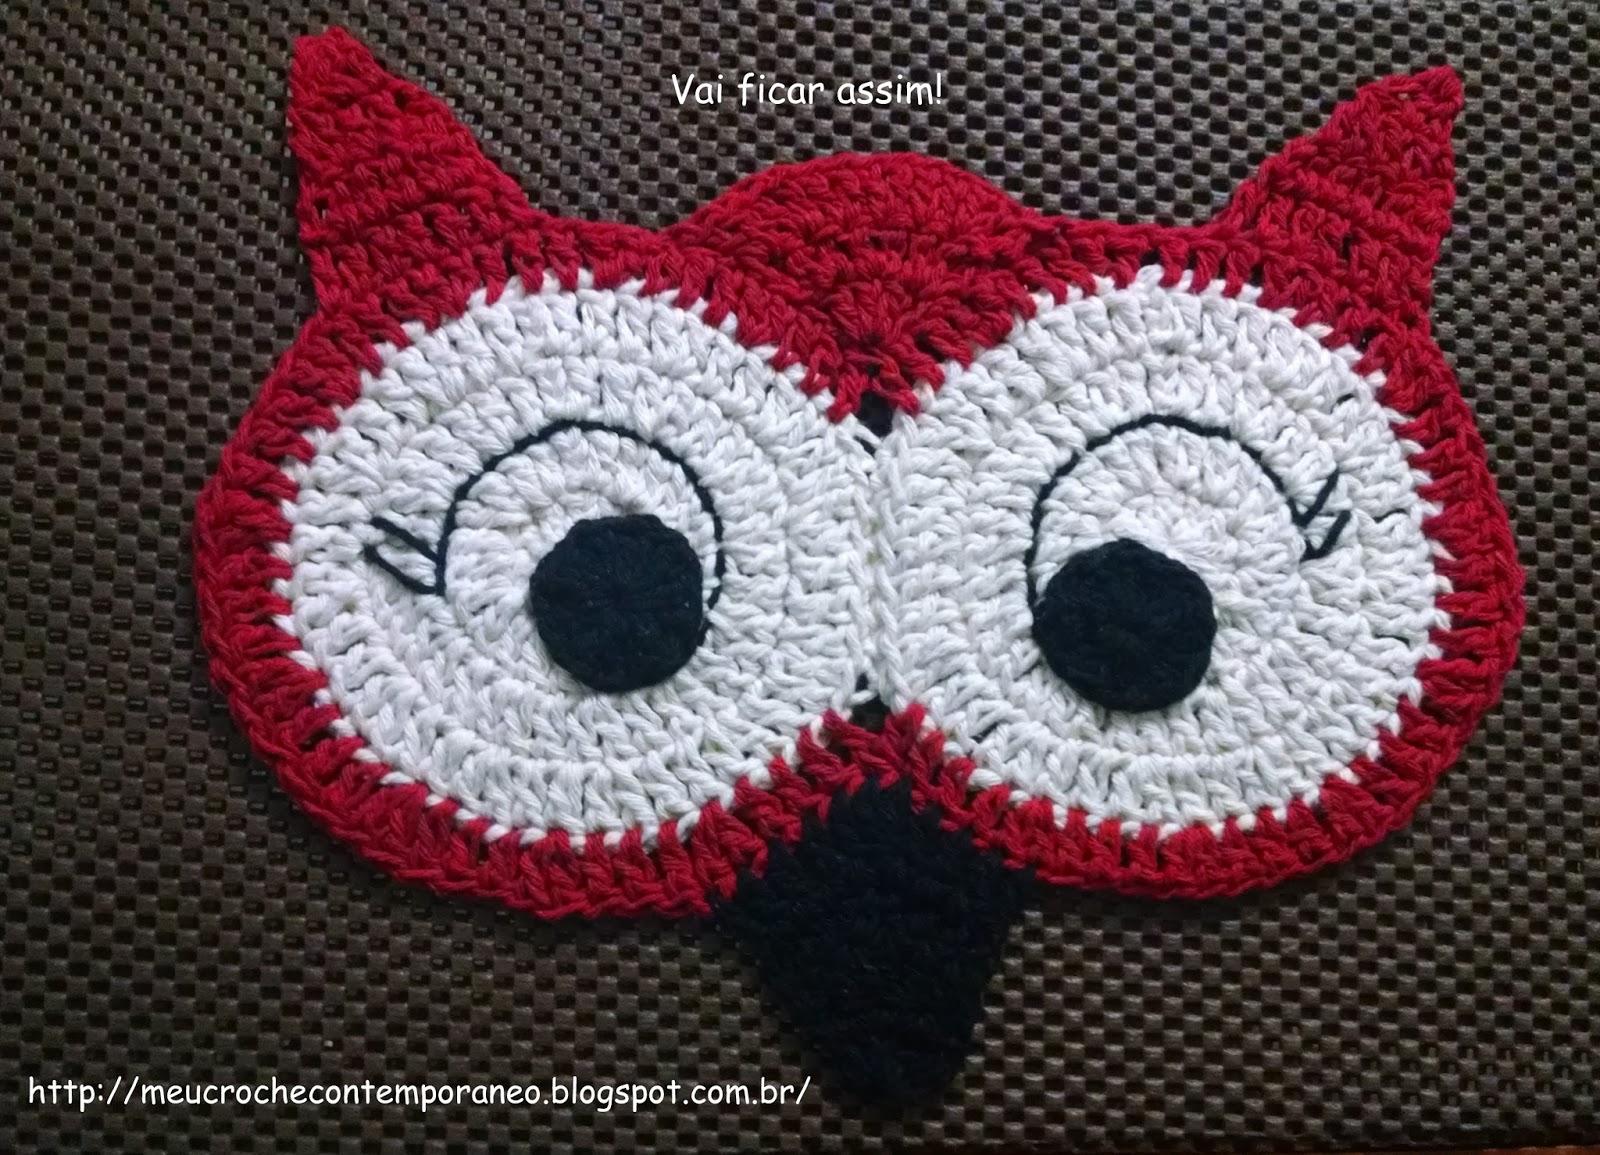 meu croch contempor neo jogo de banheiro coruja